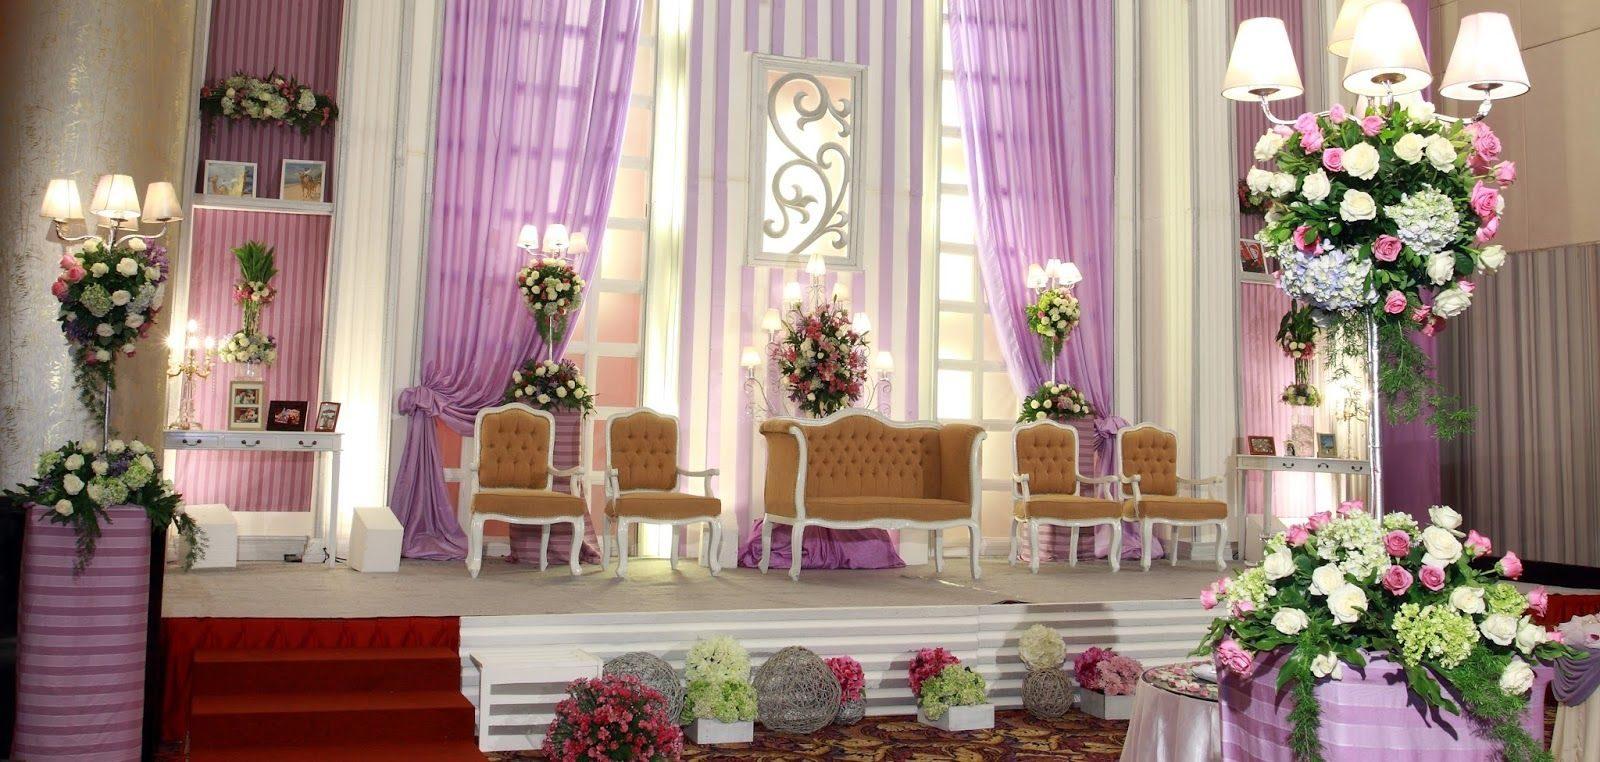 Laki-Laki Menikah Tanpa Restu Orang Tua, Bagaimana Hukumnya bimbingan islam